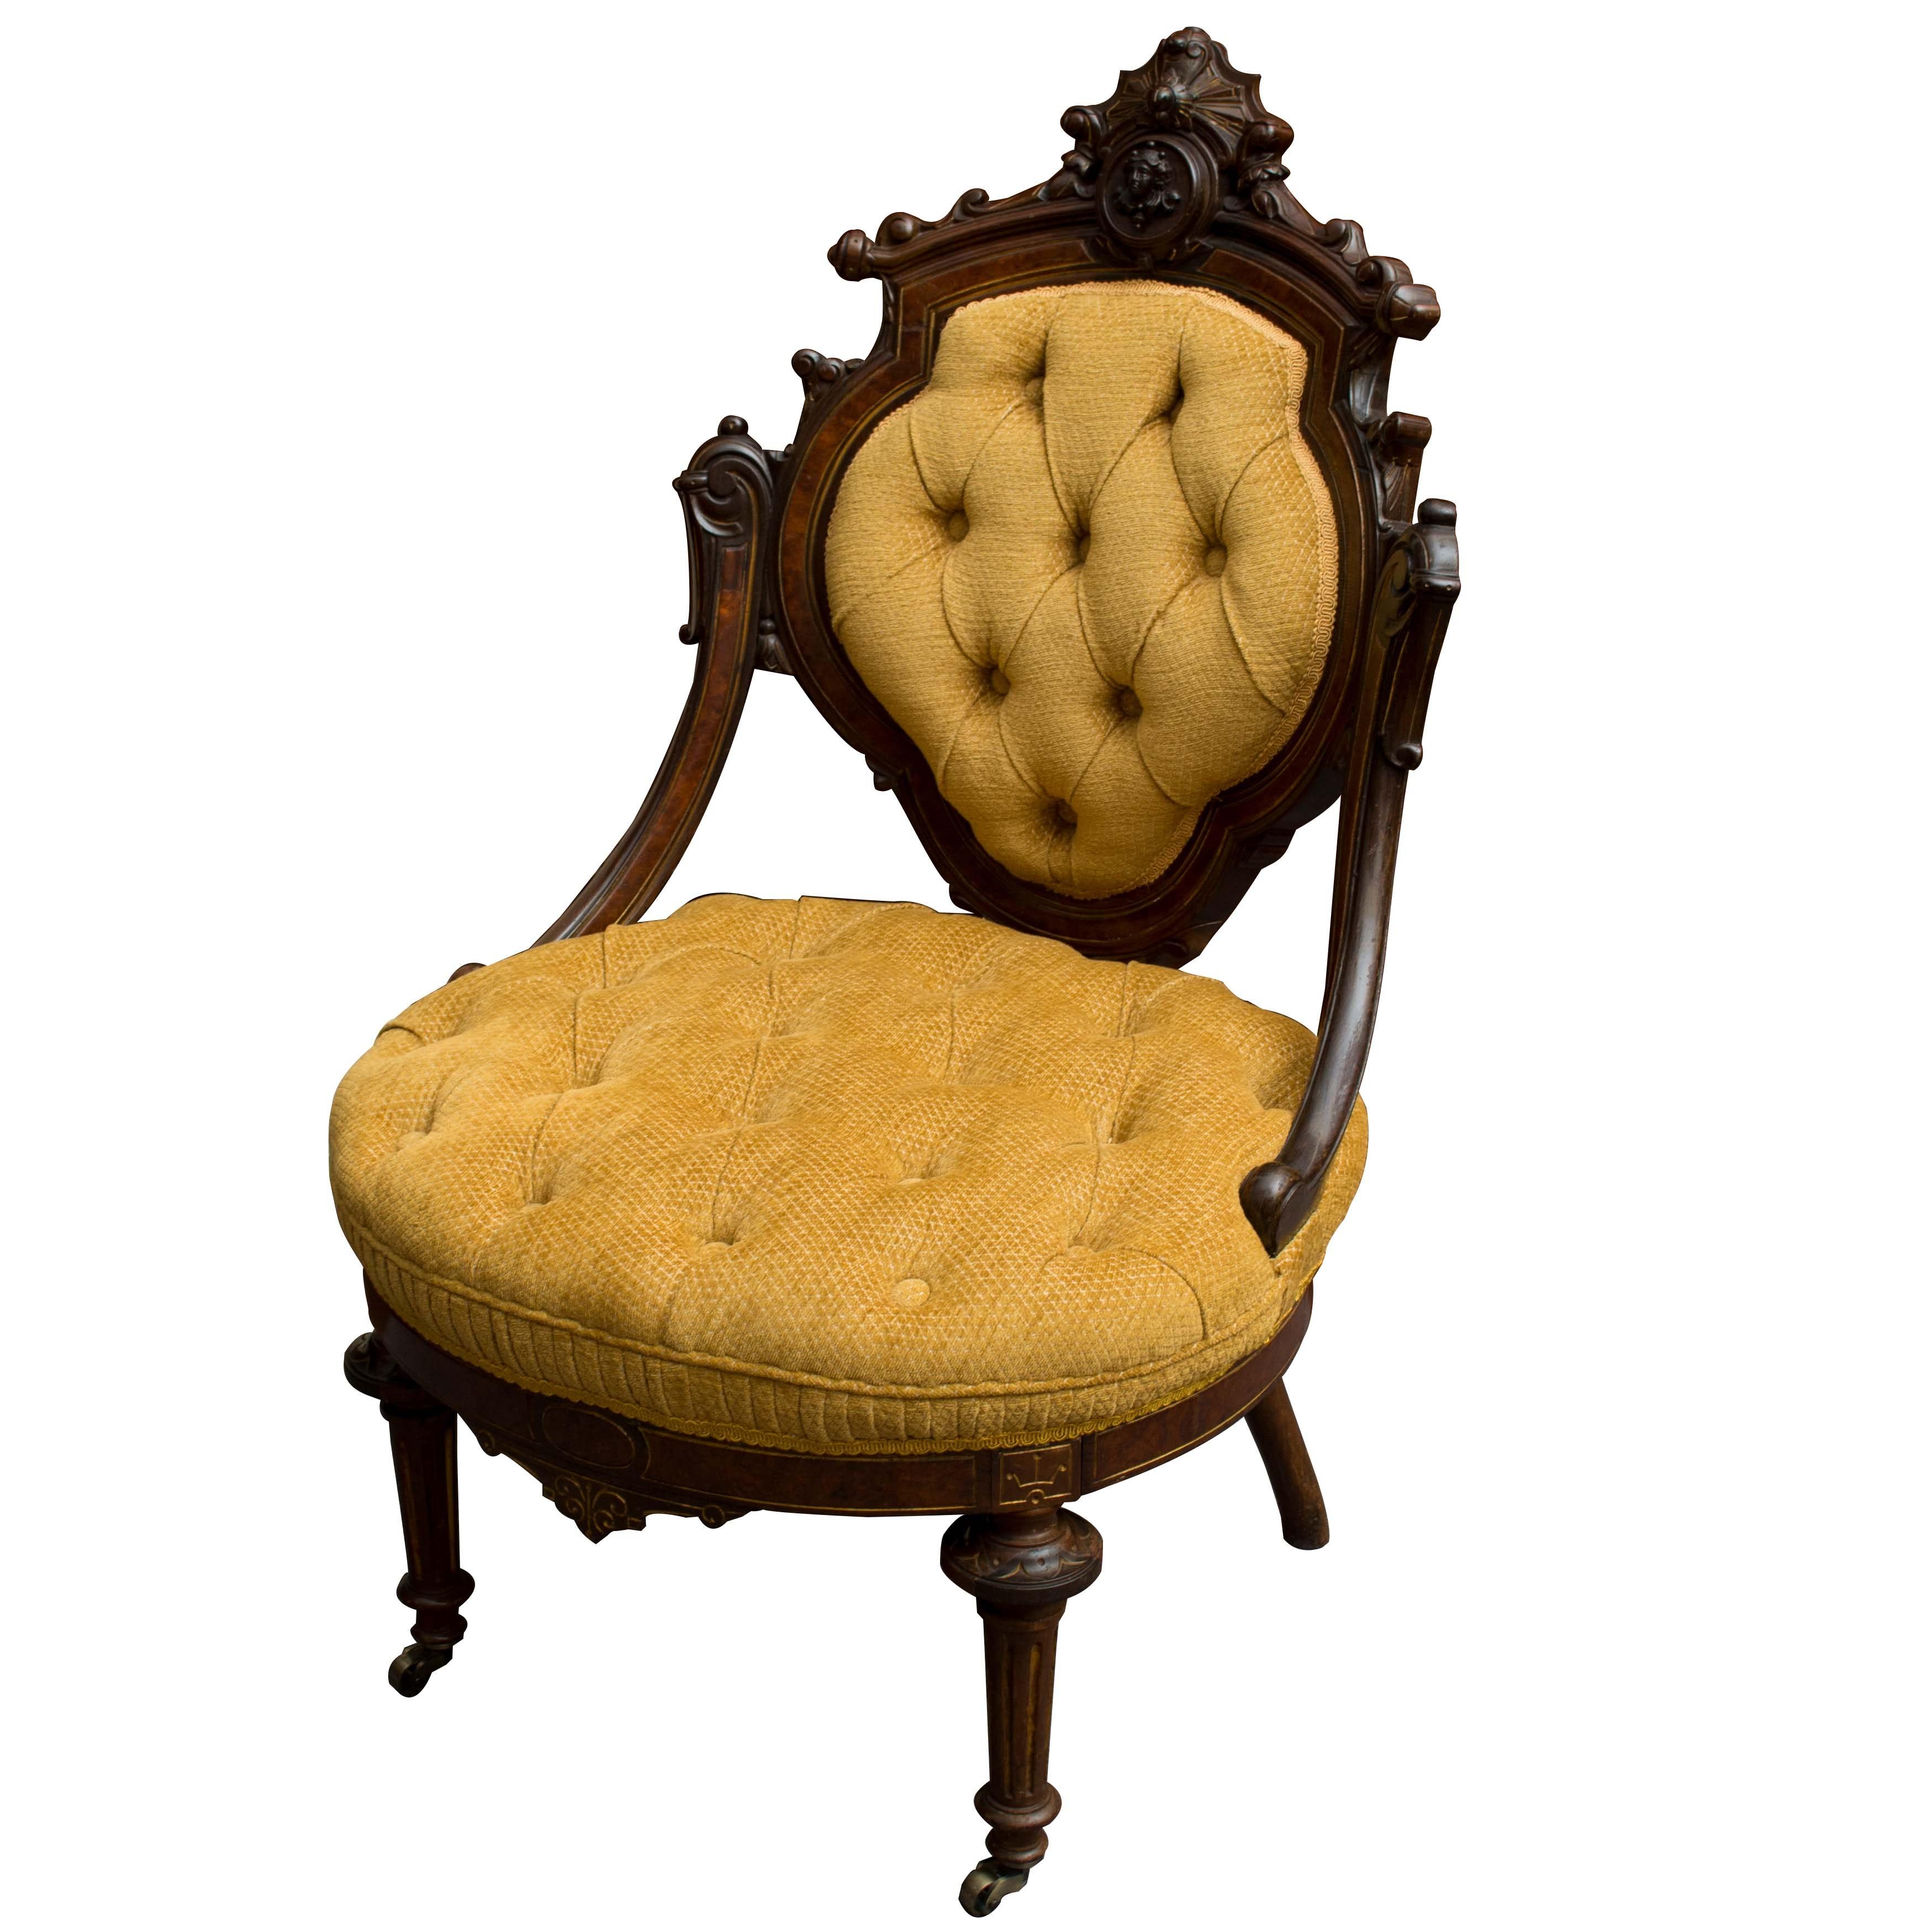 Antique American Rococo Revival Mahogany Armchair